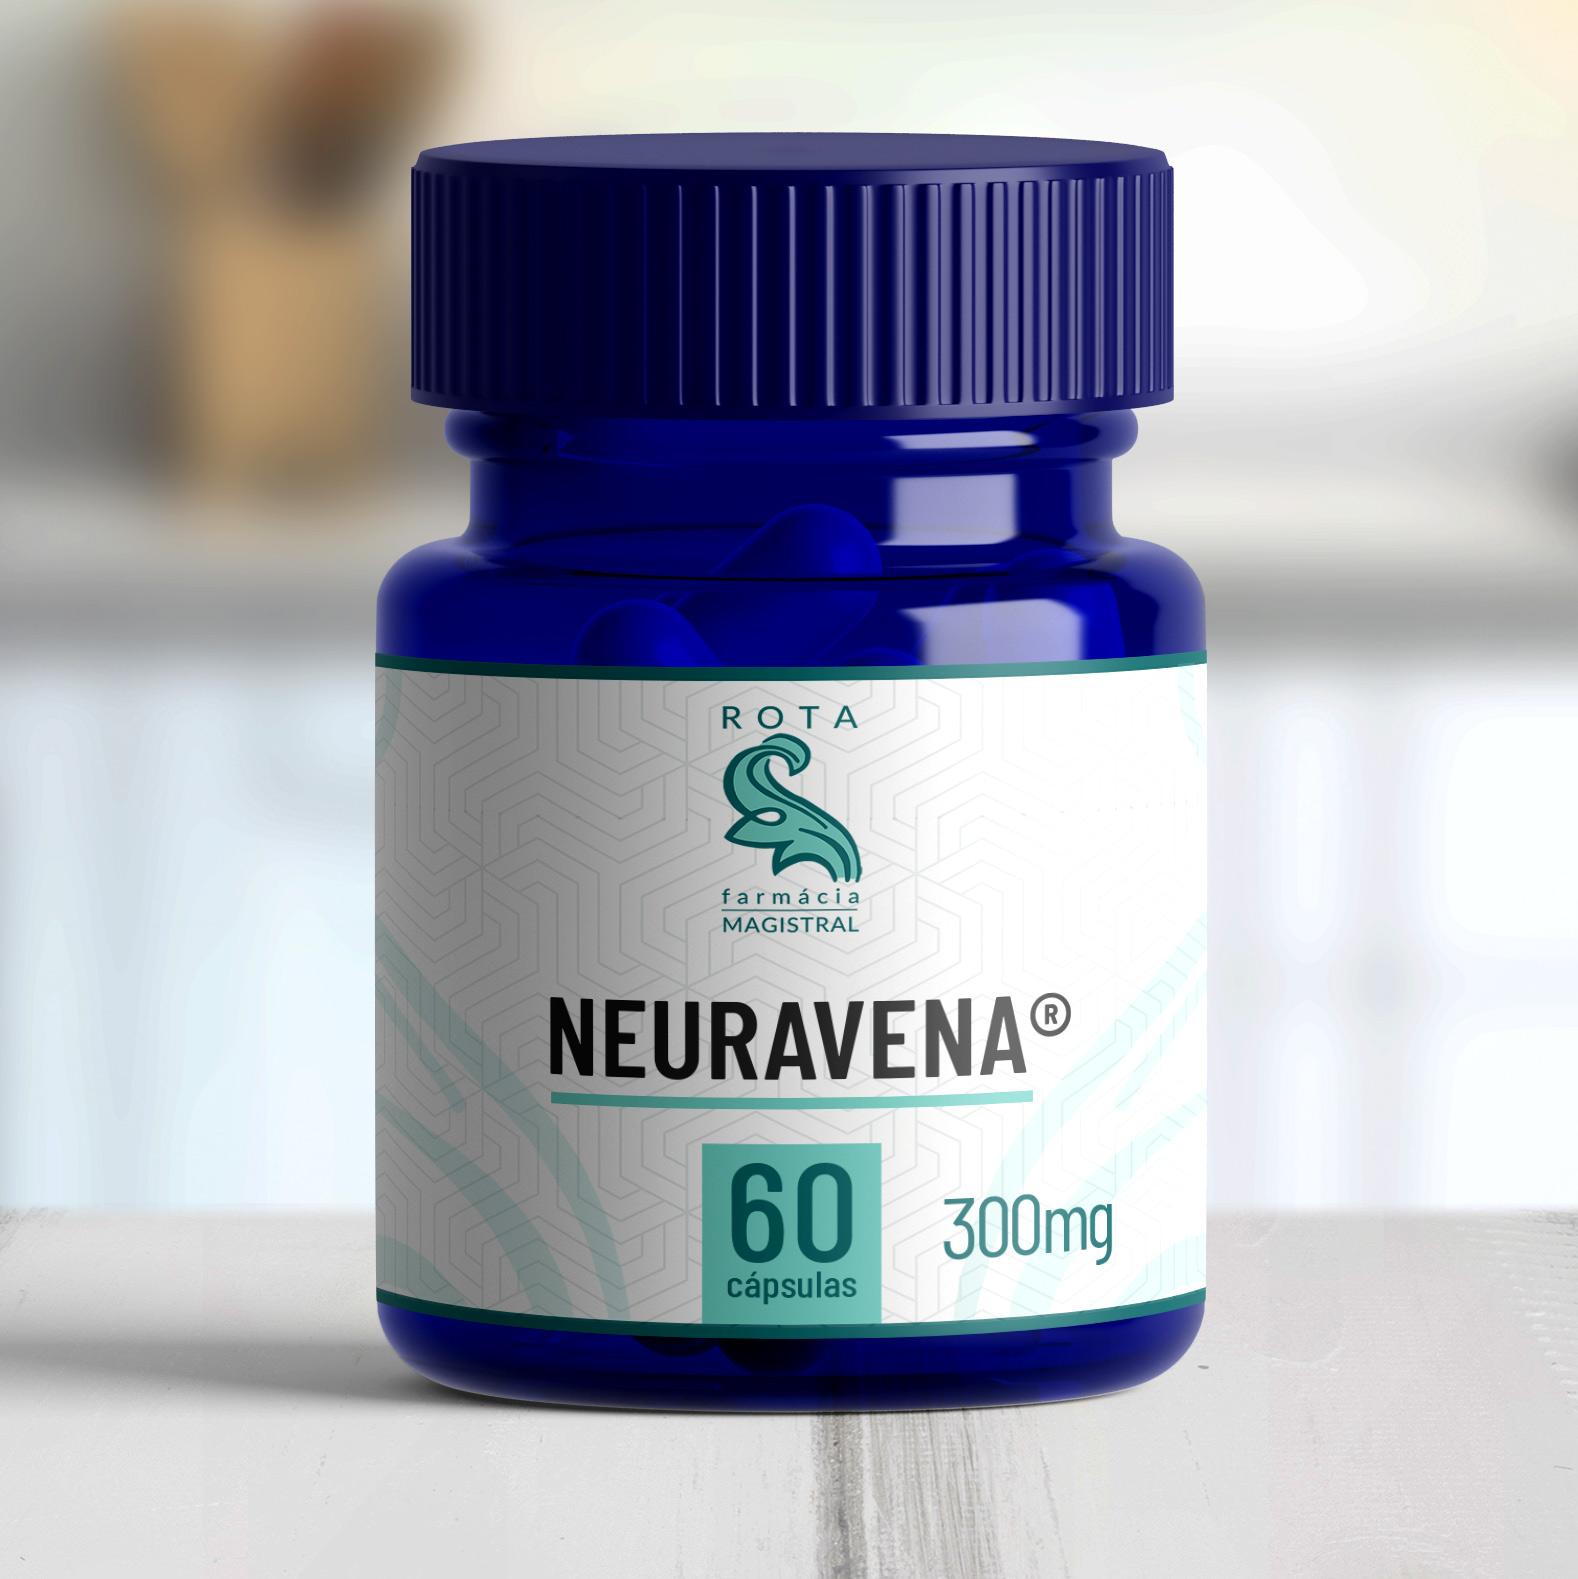 Neuravena ® 300mg 60 cápsulas